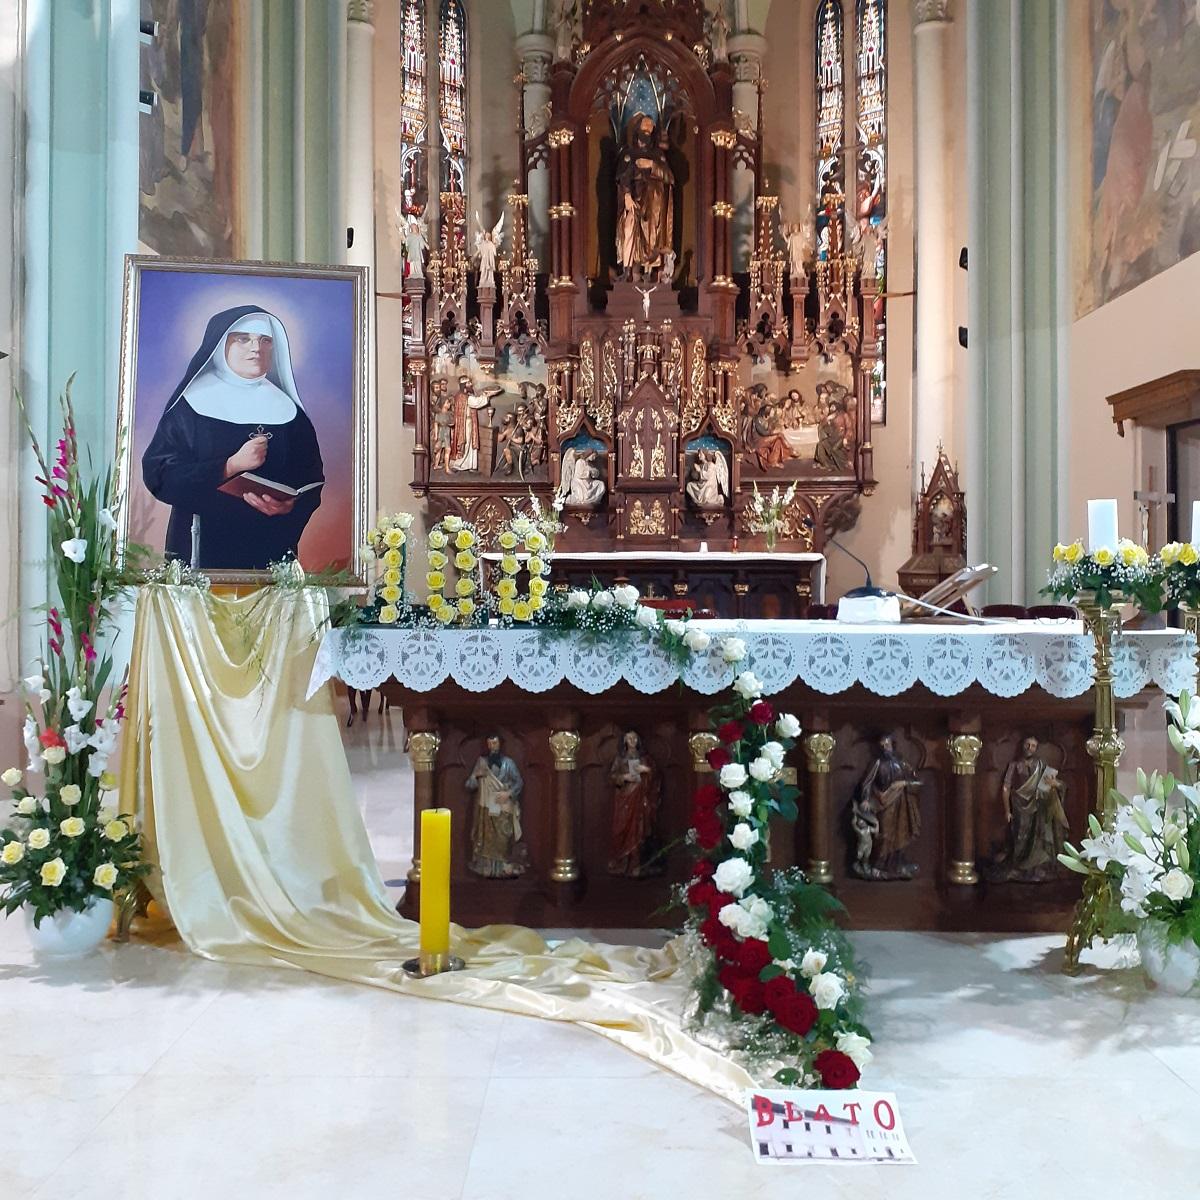 U subotici proslavljena 100. obljetnica druzbe kceri milosrda 4